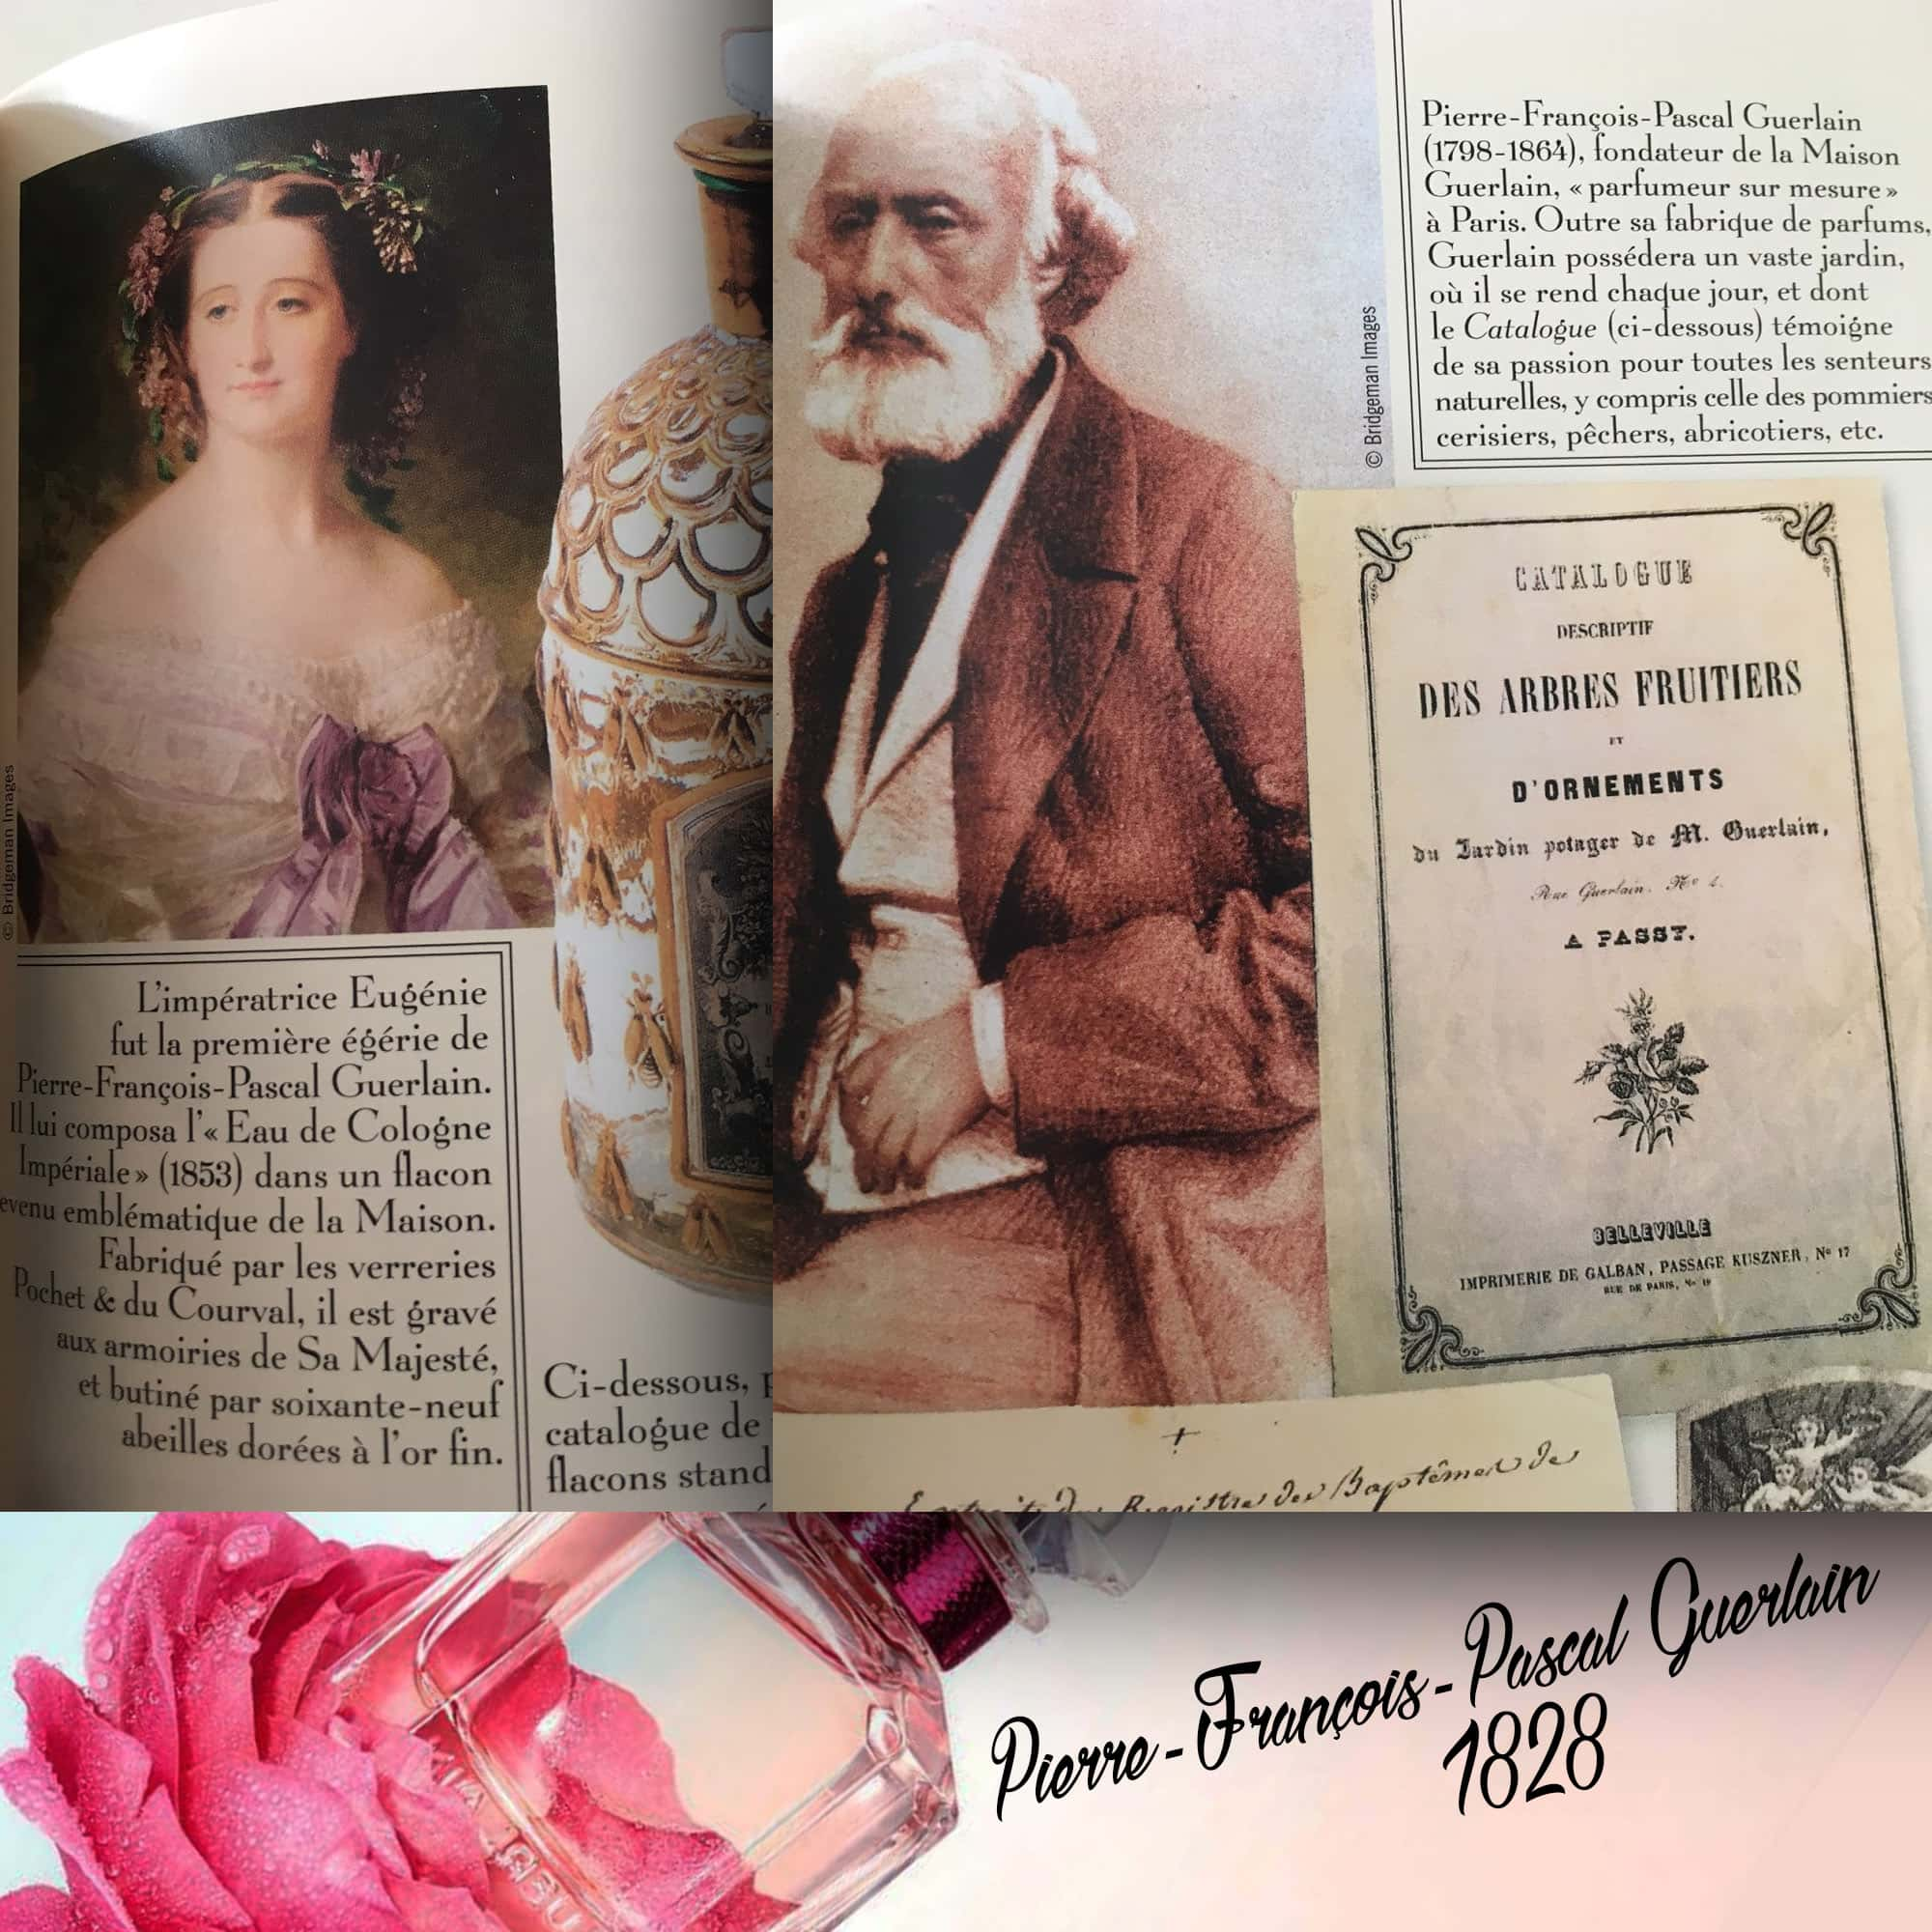 Pierre-François-Pascal Guerlain fundou a casa em 1828 - Tresors INPI por RUNWAY MAGAZINE